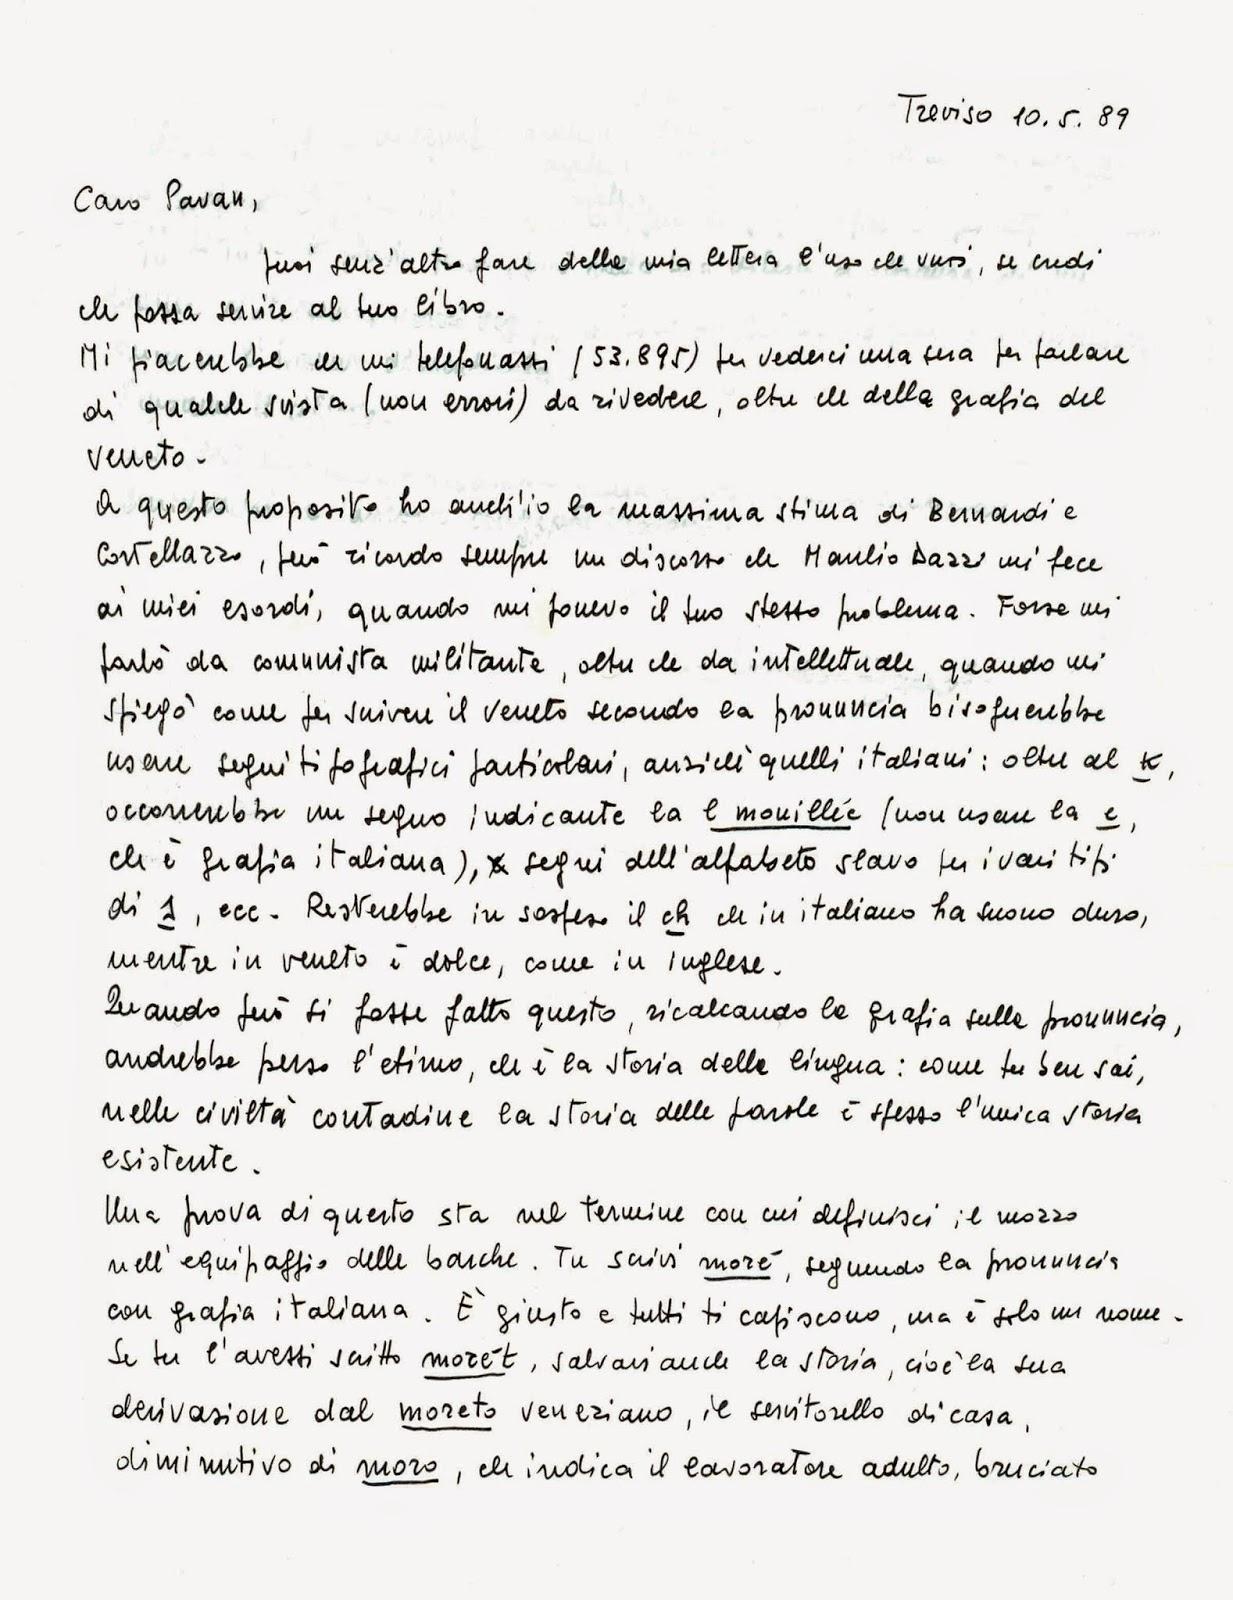 Conosciuto Camillo Pavan: Scambio di lettere con Sandro Zanotto RS98